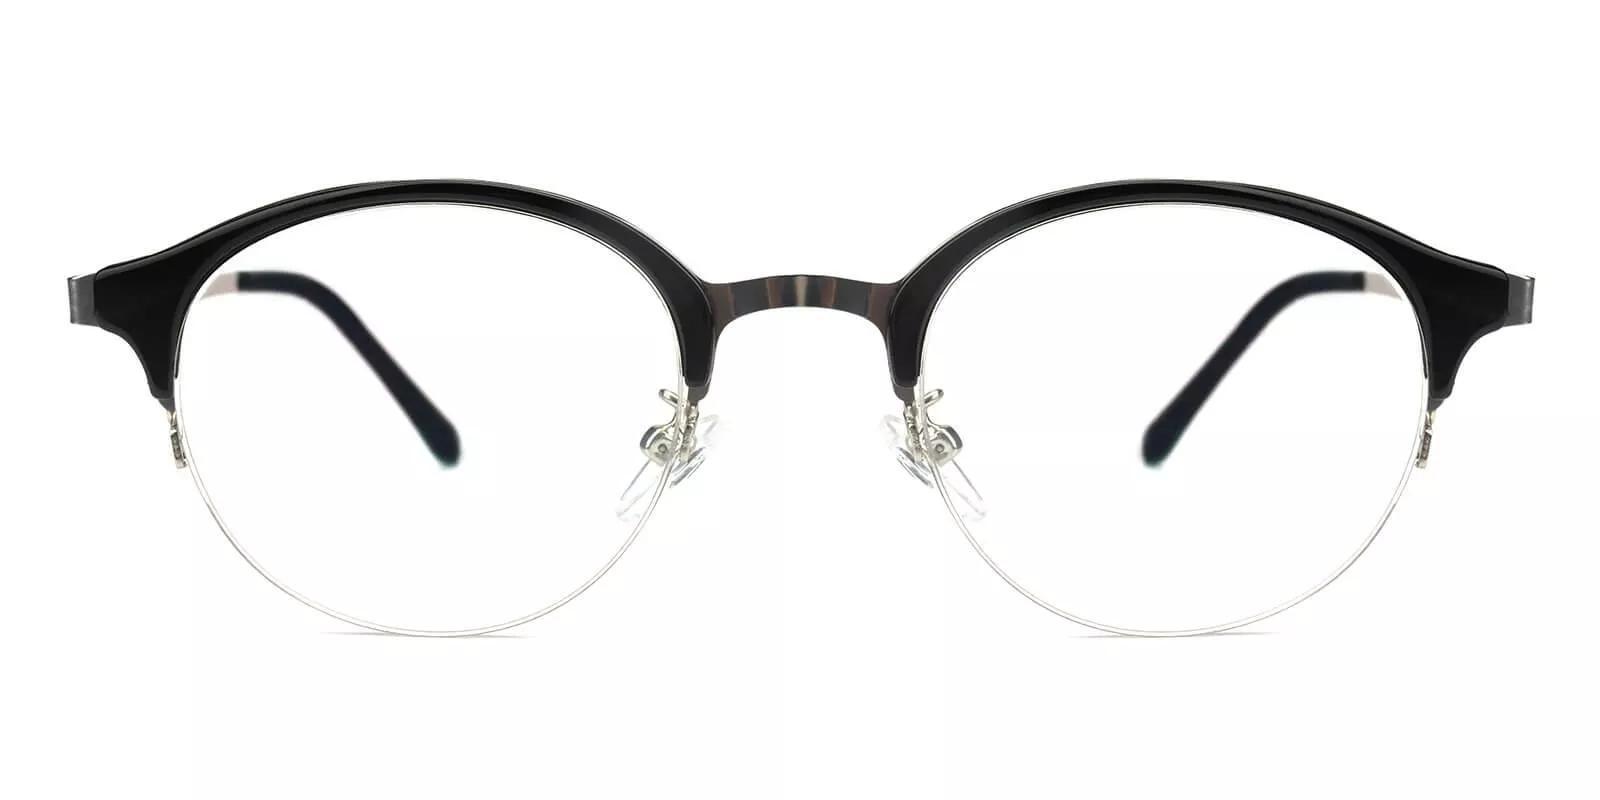 Meridian Half Rim Eyeglasses Black